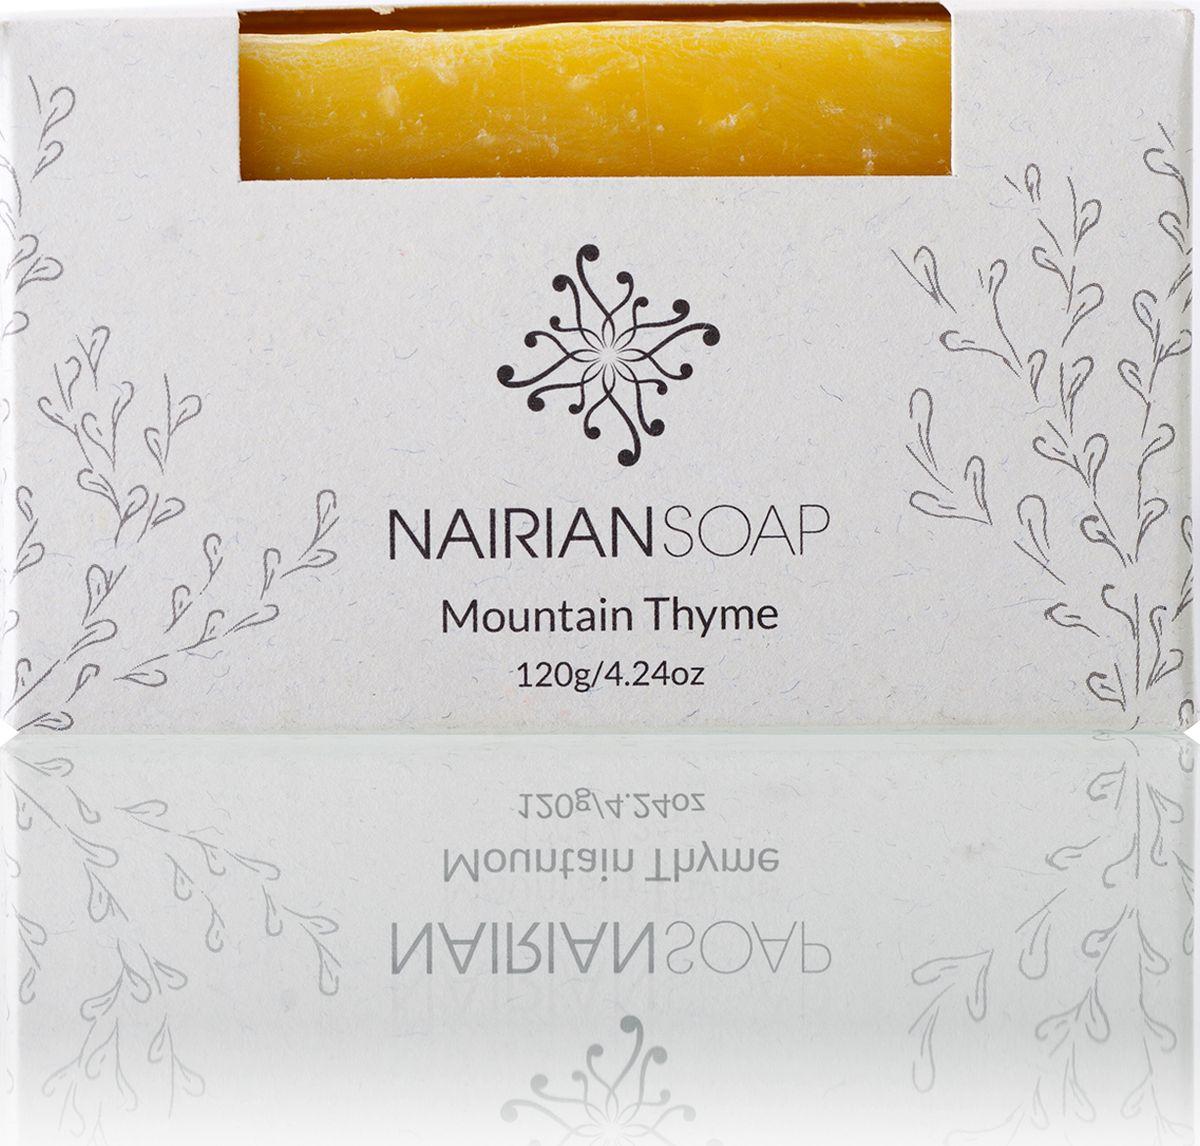 Nairian Мыло, горный тимьян, 120 гBSSLG-01-0120Творит чудеса со смешанной и жирной типами кожи. Главный ингредиент – эфирное масло дикого чабреца, обладающее сильными антибактериальными свойствами и борющееся с акне. При использовании в горячем душе испаряющееся масло чабреца раскрывает носовой проход и помогает прочистить их от легких респираторных инфекций. Подходит для всего тела, рекомендуется для горячего душа при первых симптомах гриппа или простуды.